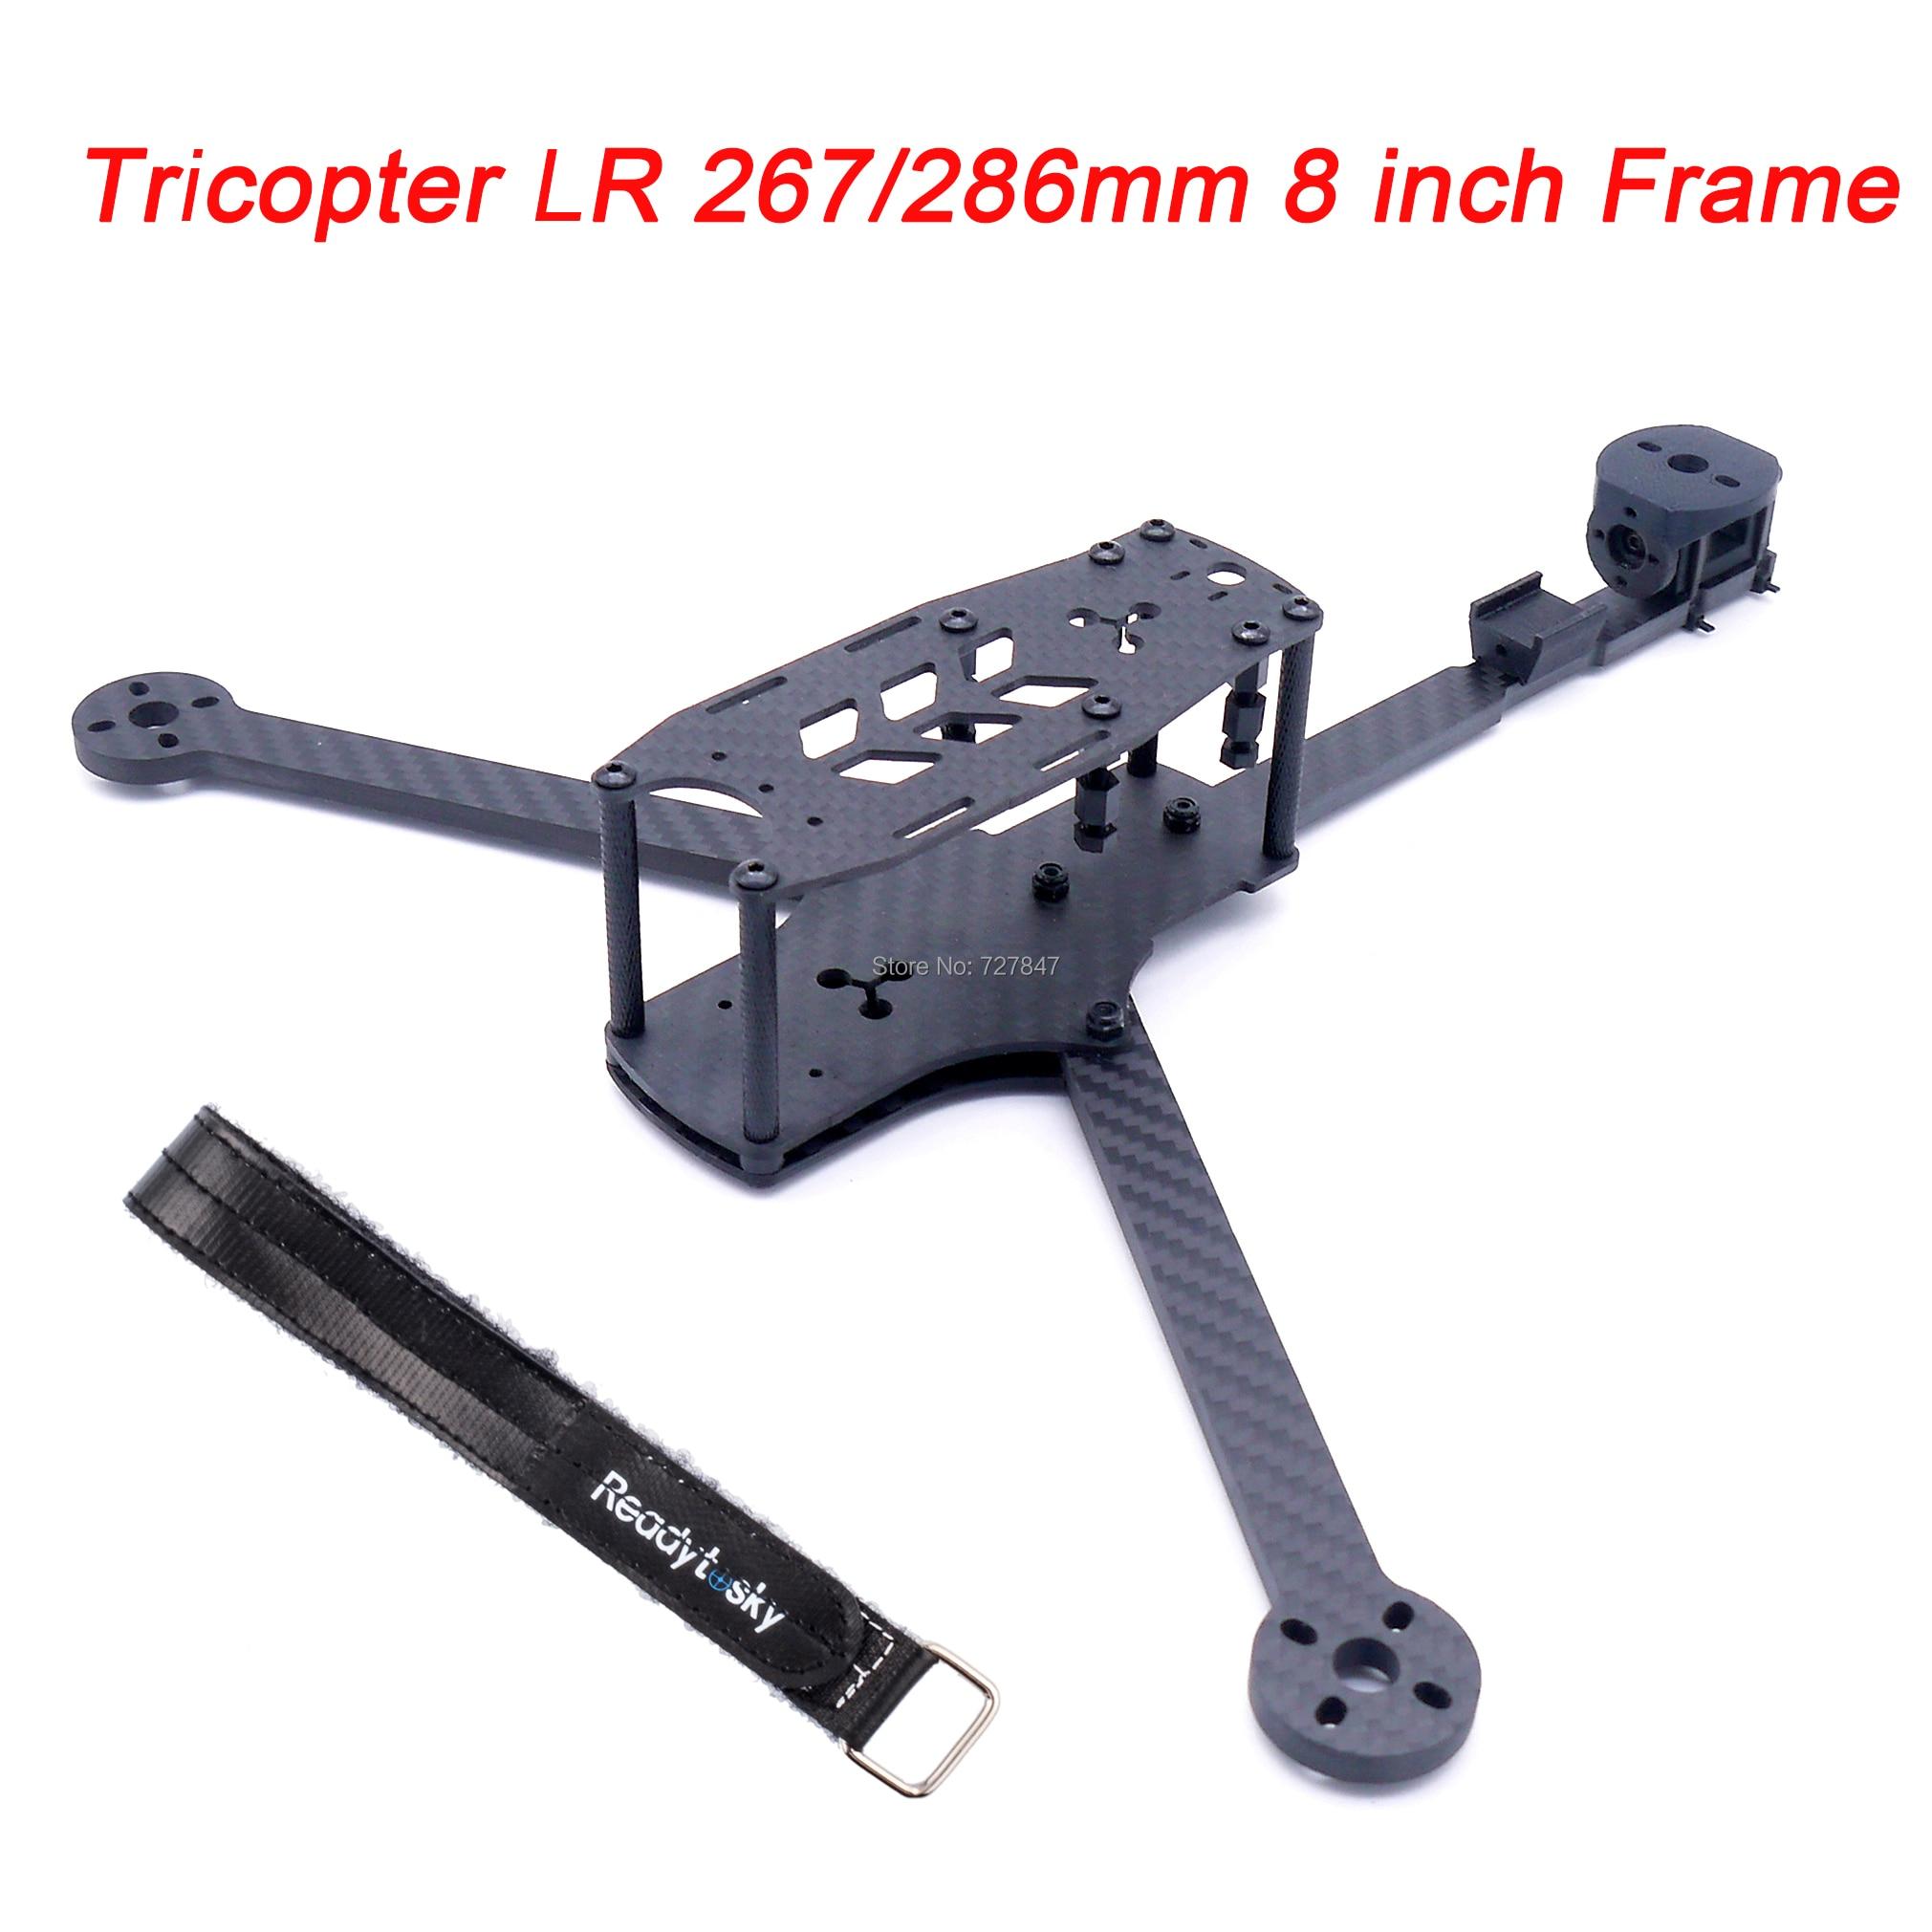 Novo tricopter lr 267 / 286mm 8 polegada 3 eixos y tipo puro quadro de fibra carbono com 5mm braço para rc fpv racing drone